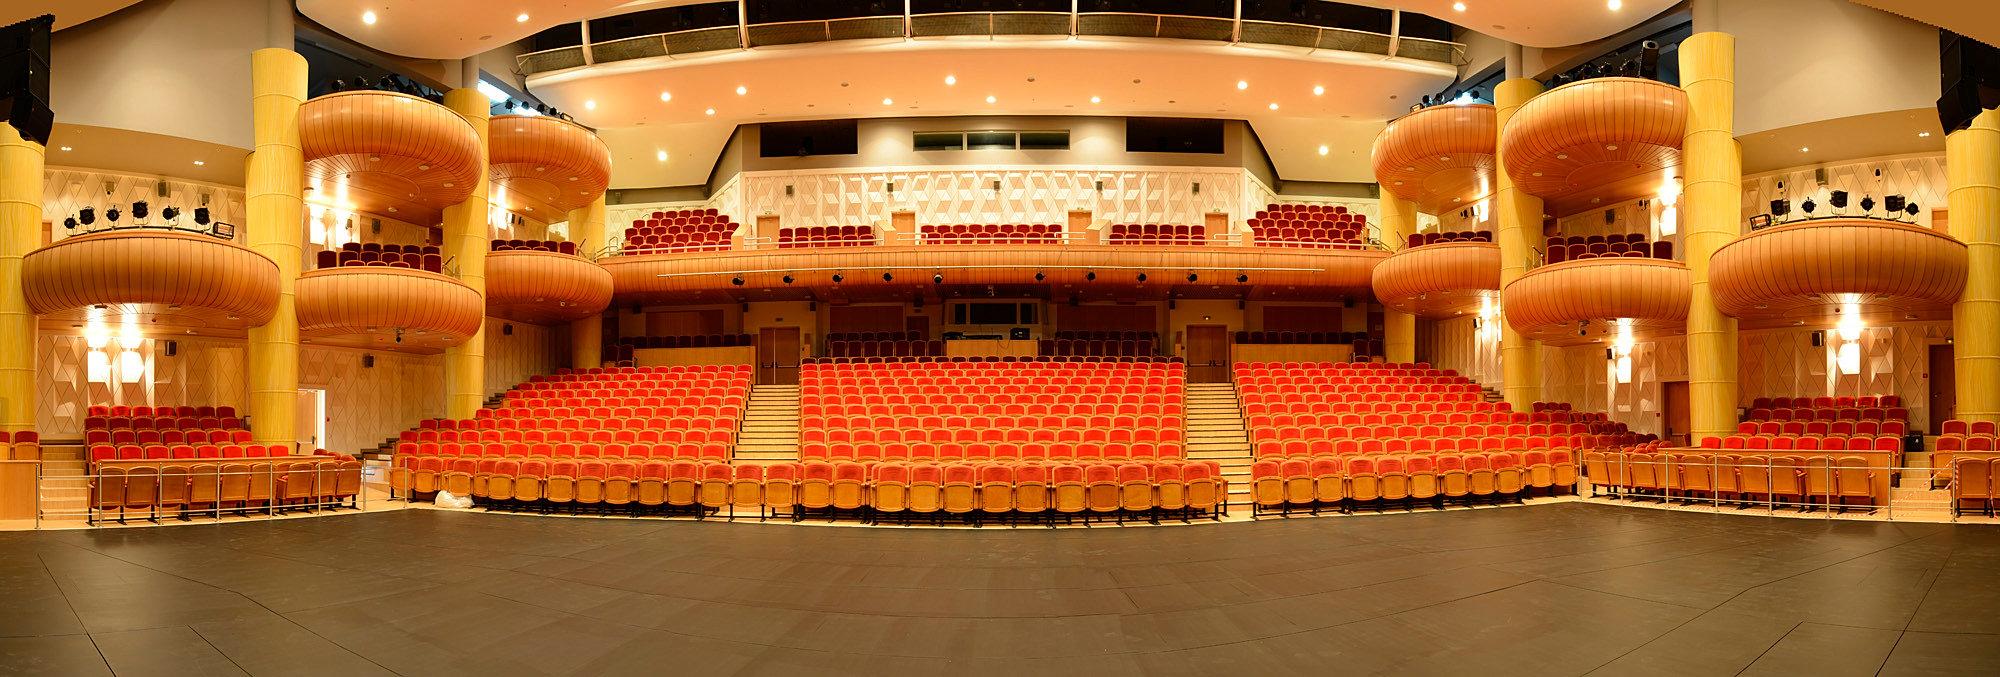 схема зала русская песня театр